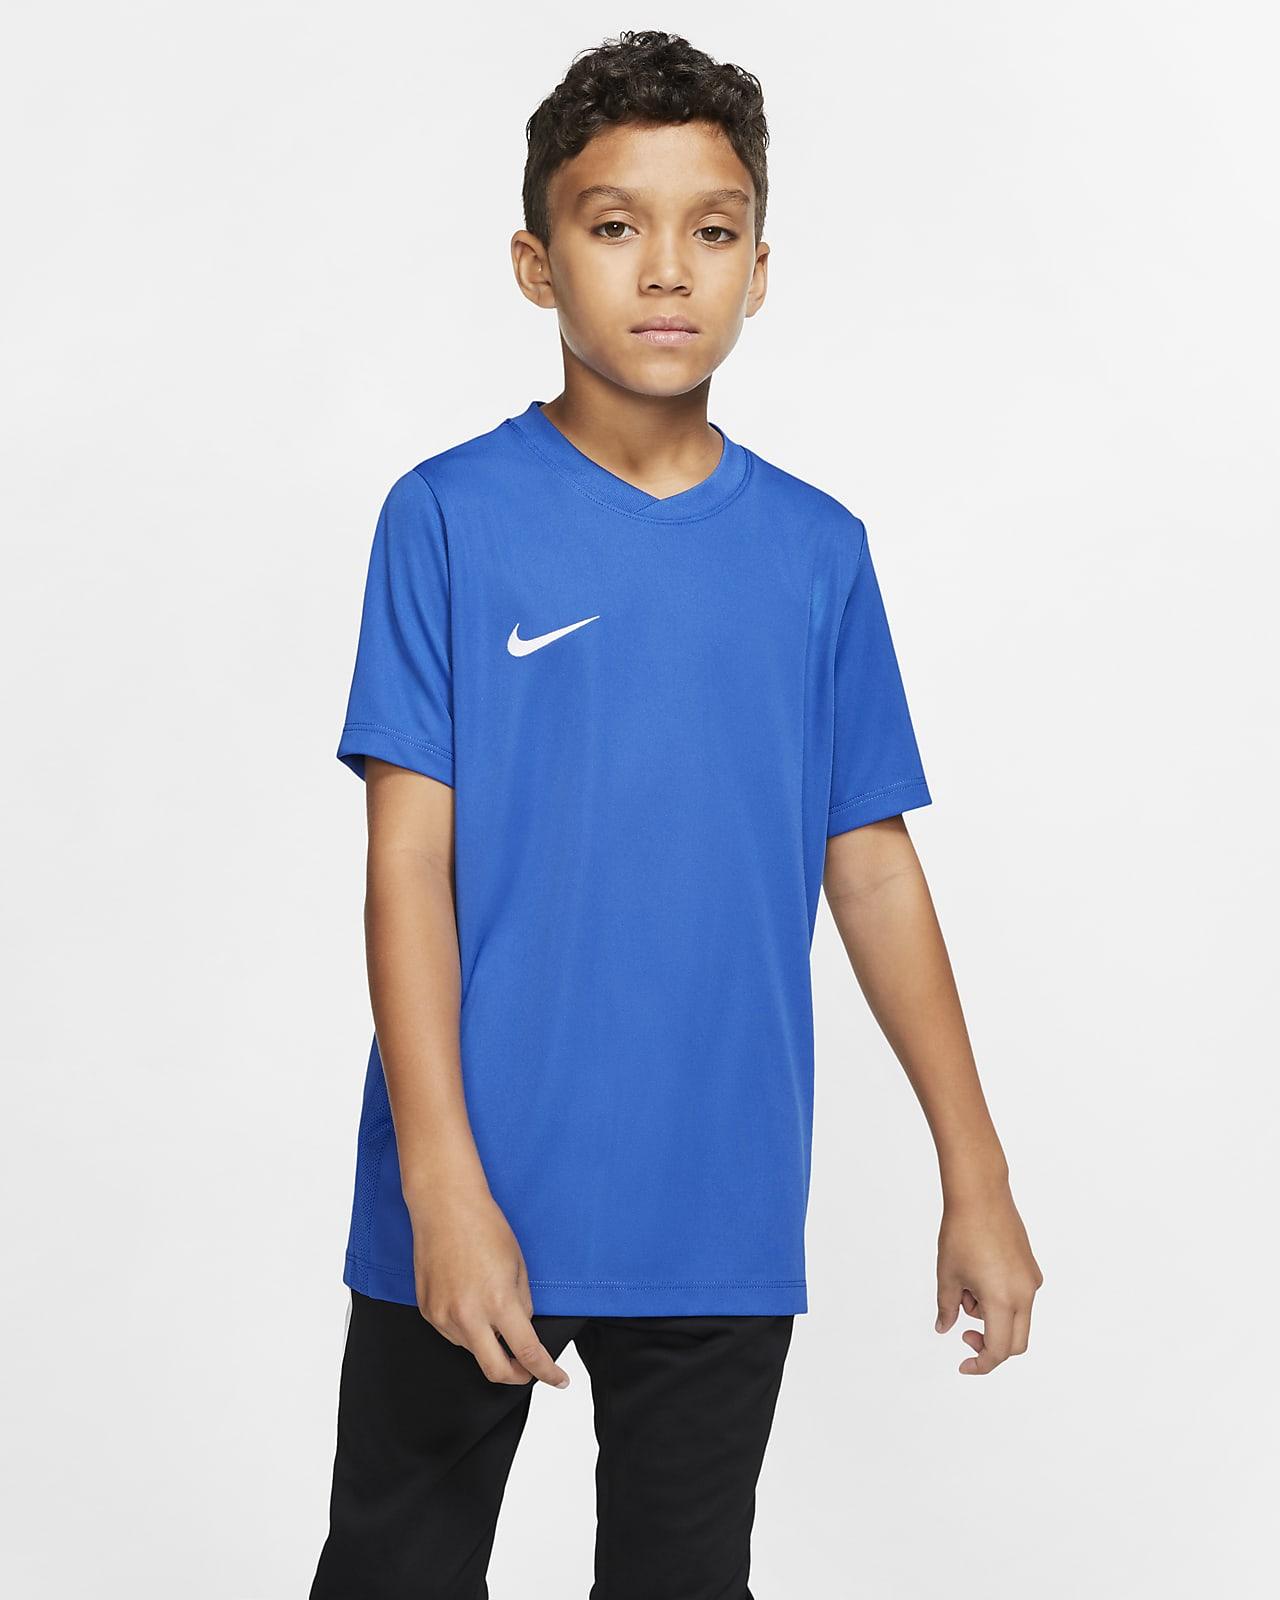 Koszulka piłkarska dla dużych dzieci Nike Dry (XS–XL). Nike PL